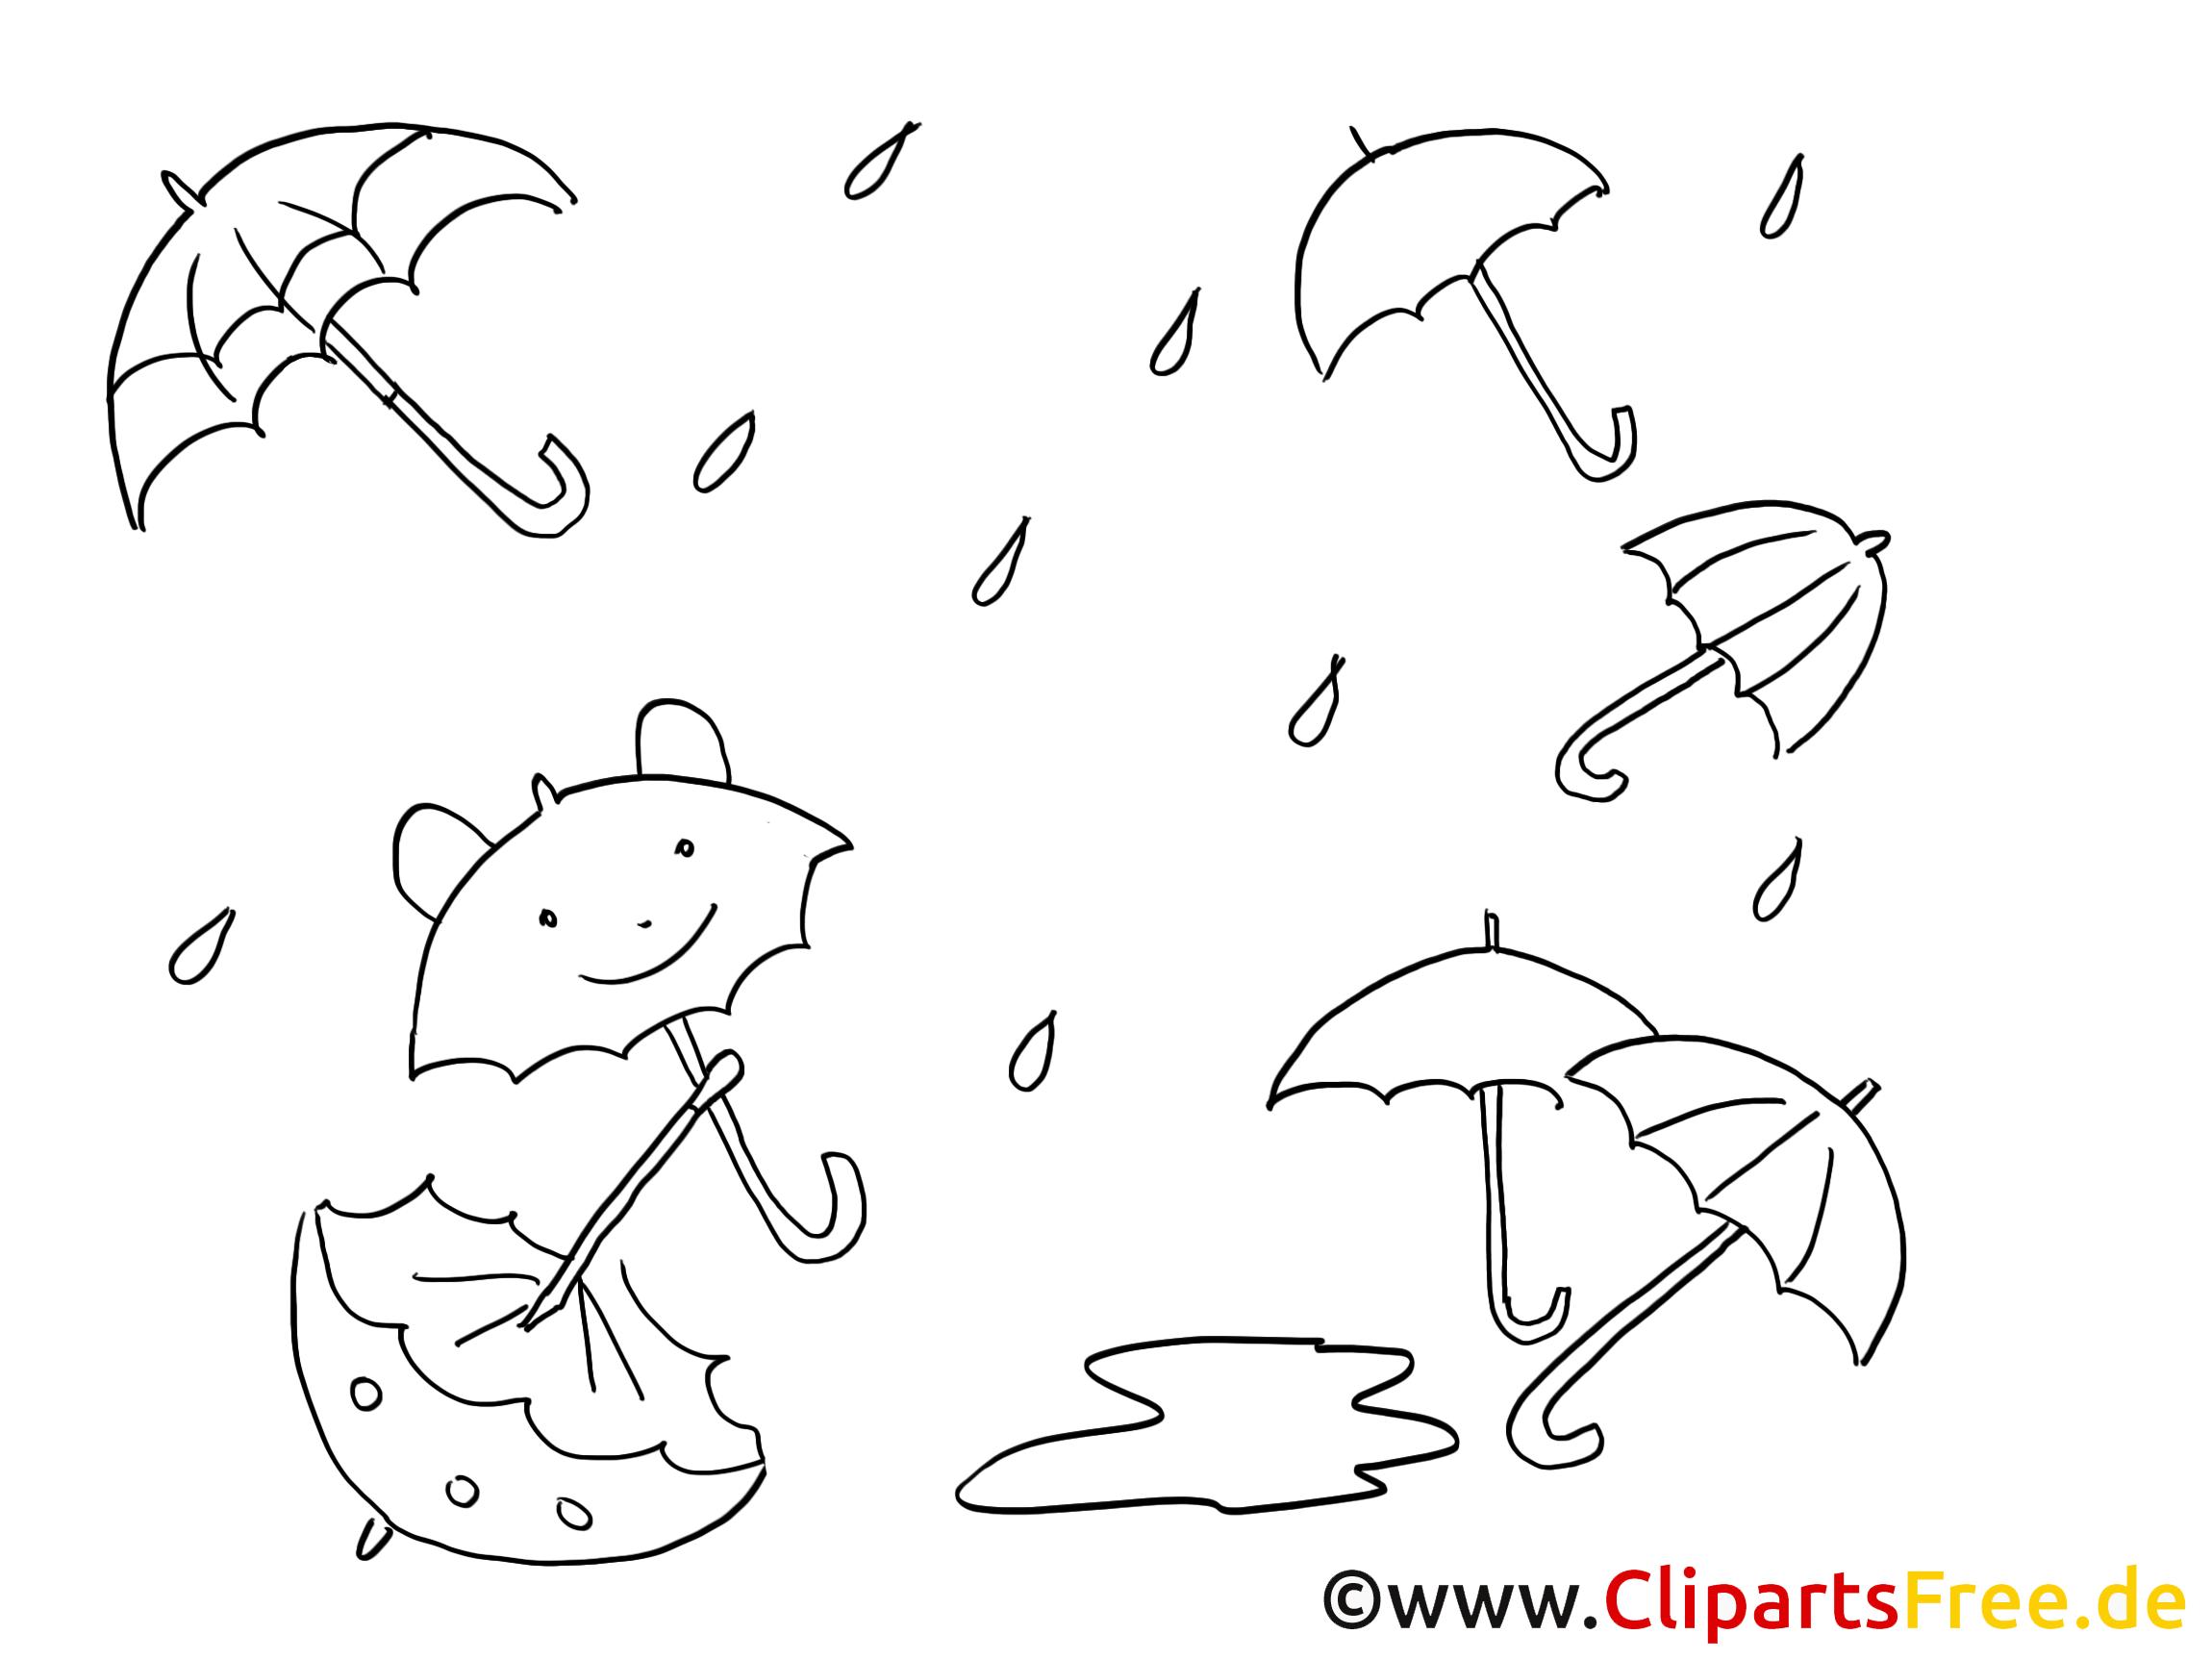 Parapluies dessin coloriage automne t l charger - Parapluie dessin ...